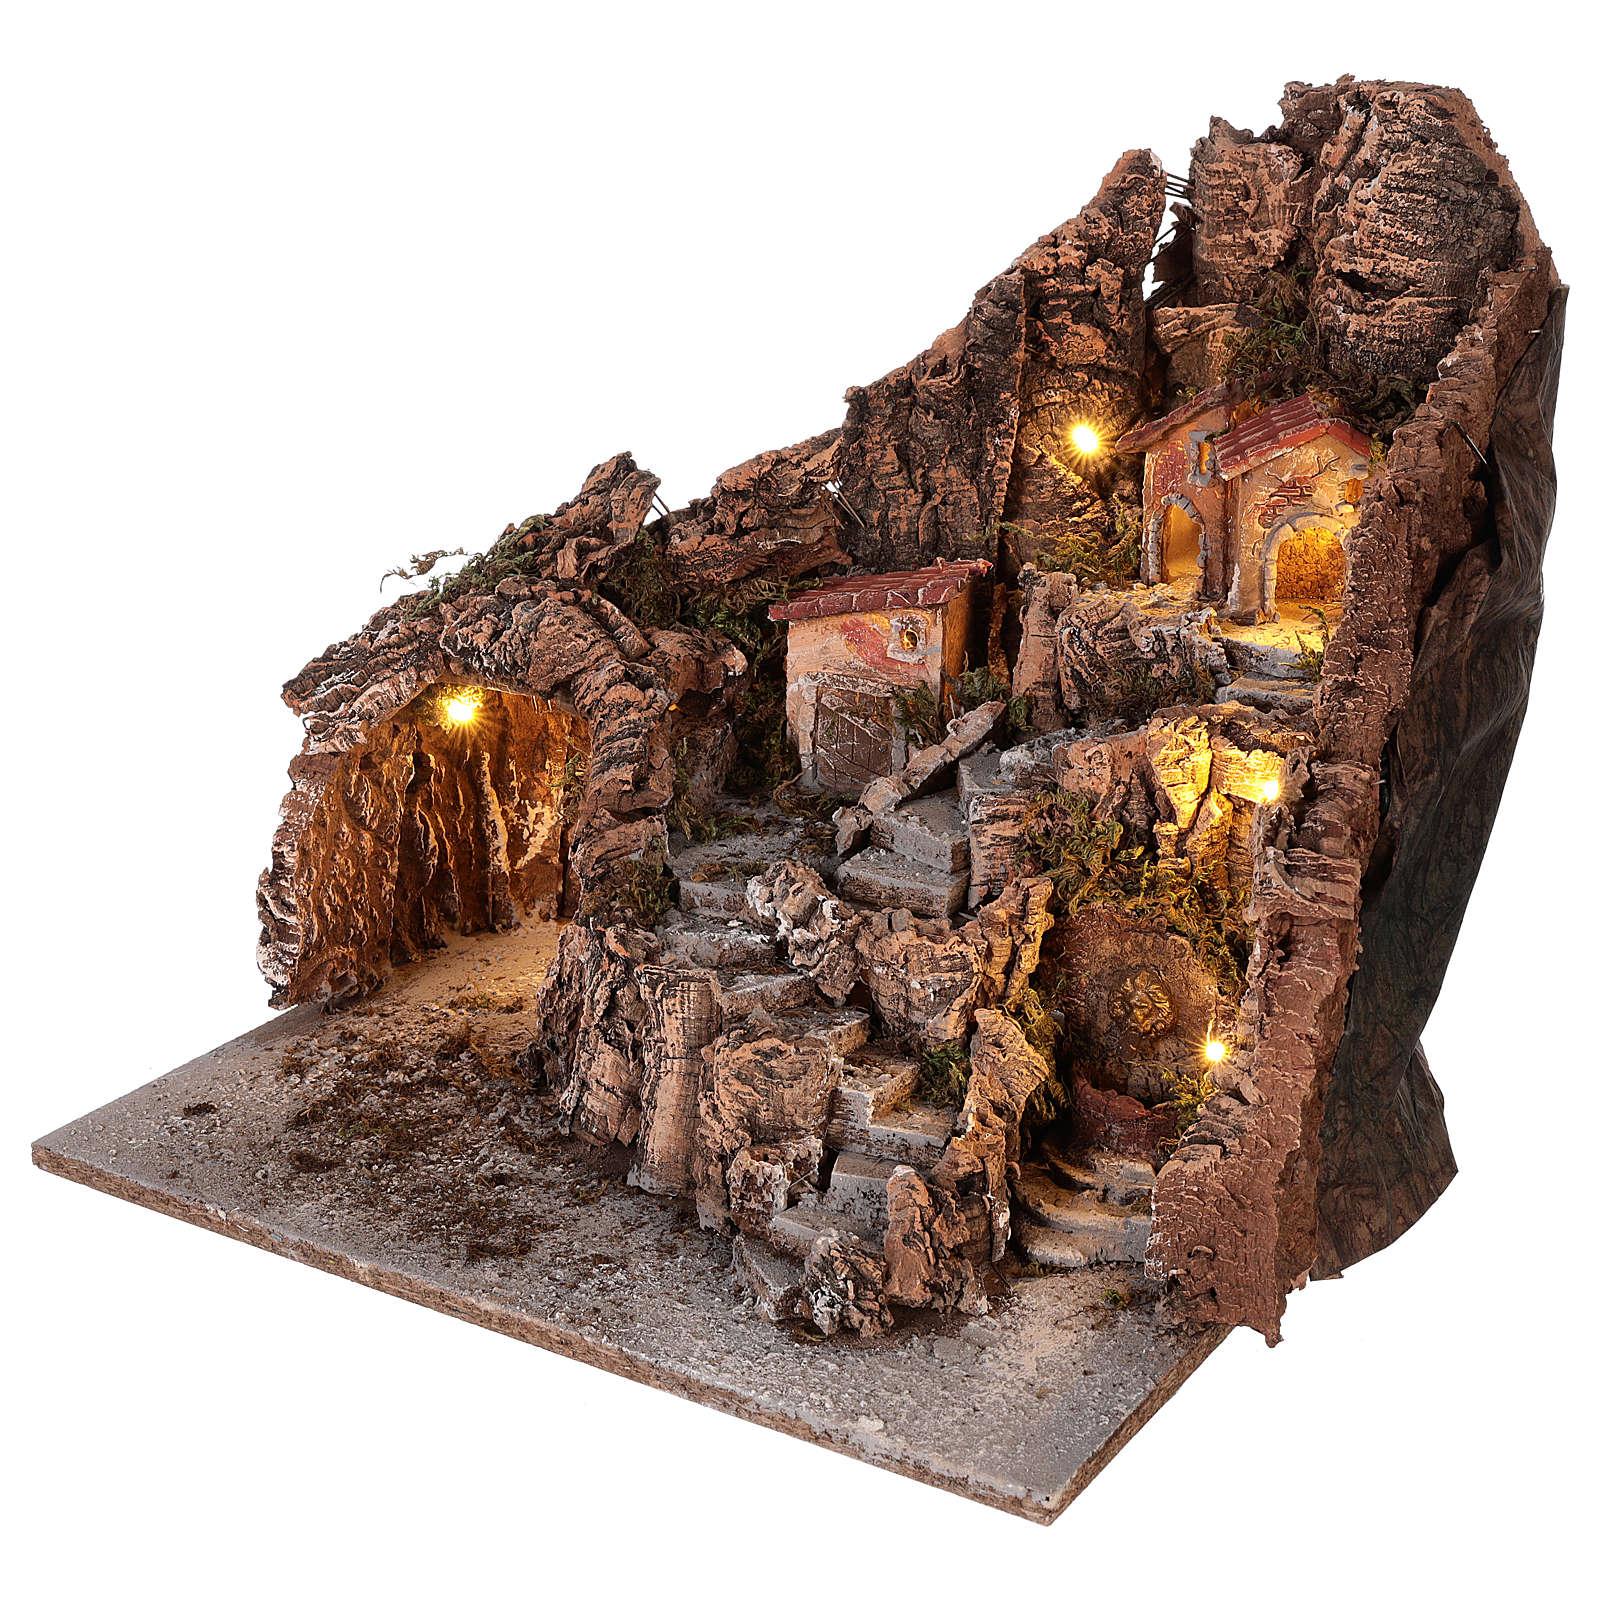 Miasteczko z grotą i fontanną szopki neapolitańskiej 40x34x40 cm 4